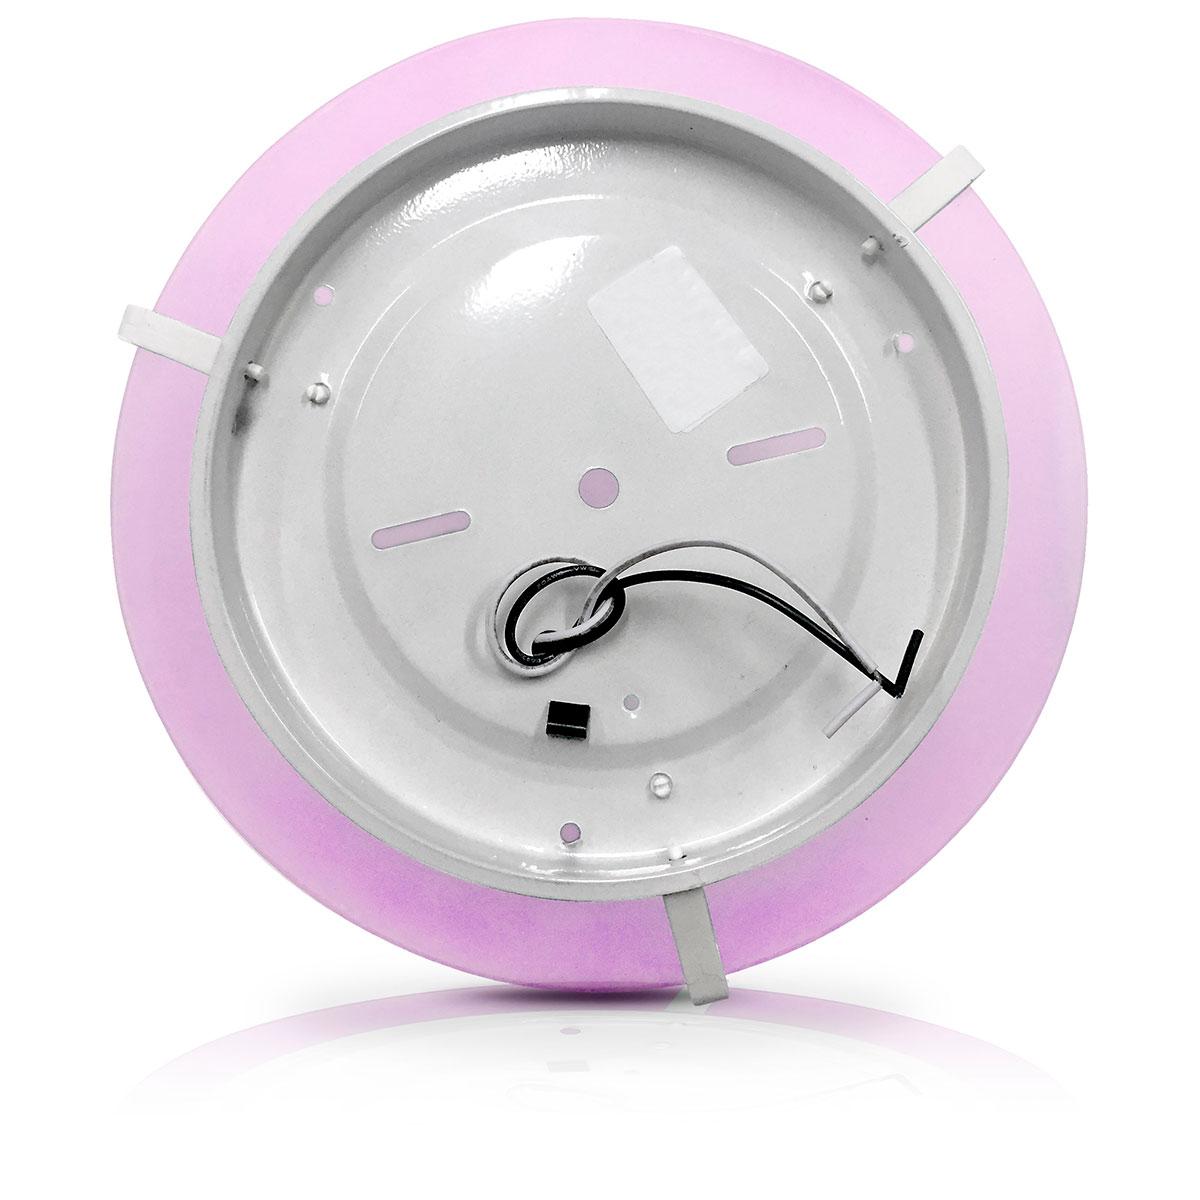 Plafon Pop Colors 30cm Para 2 Lampadas Com Soquete E-27 E Vidro Borda Rosa